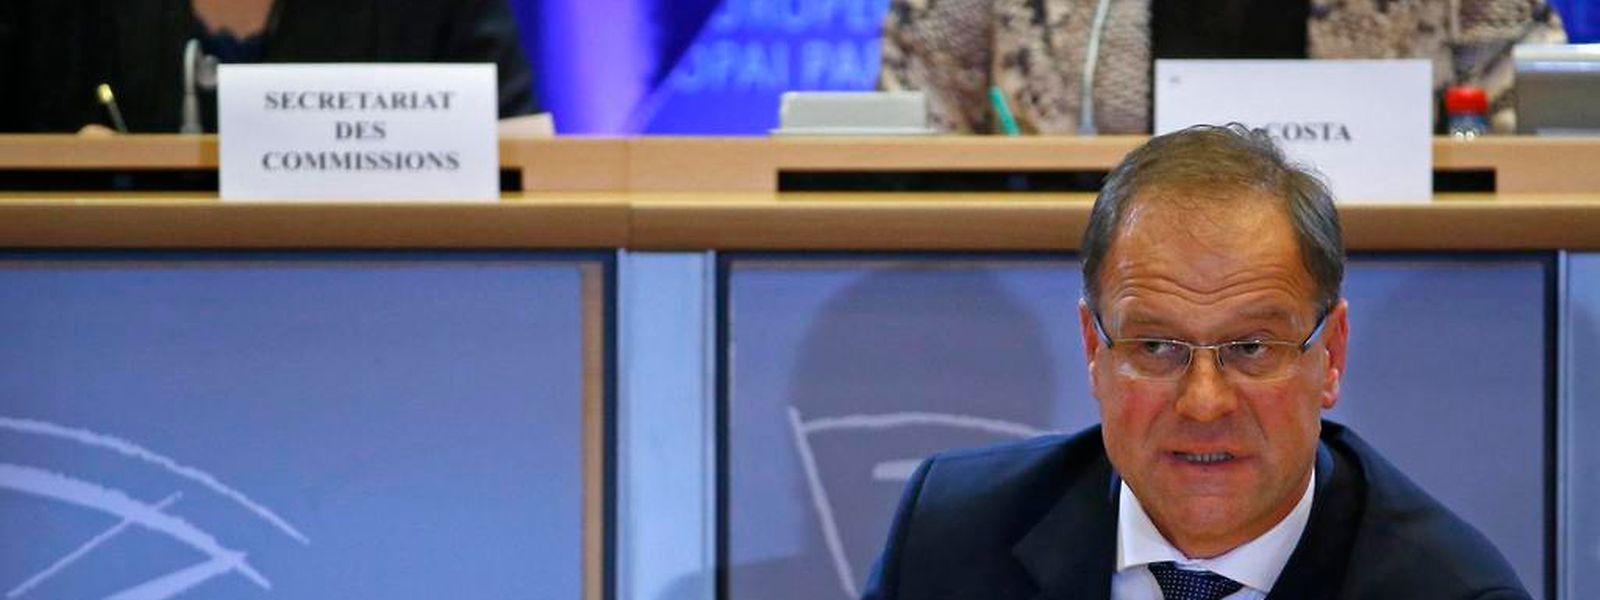 Der designierte Kultur-Kommissar Tibor Navracsics kam bei den Parlamentariern nicht gut an.